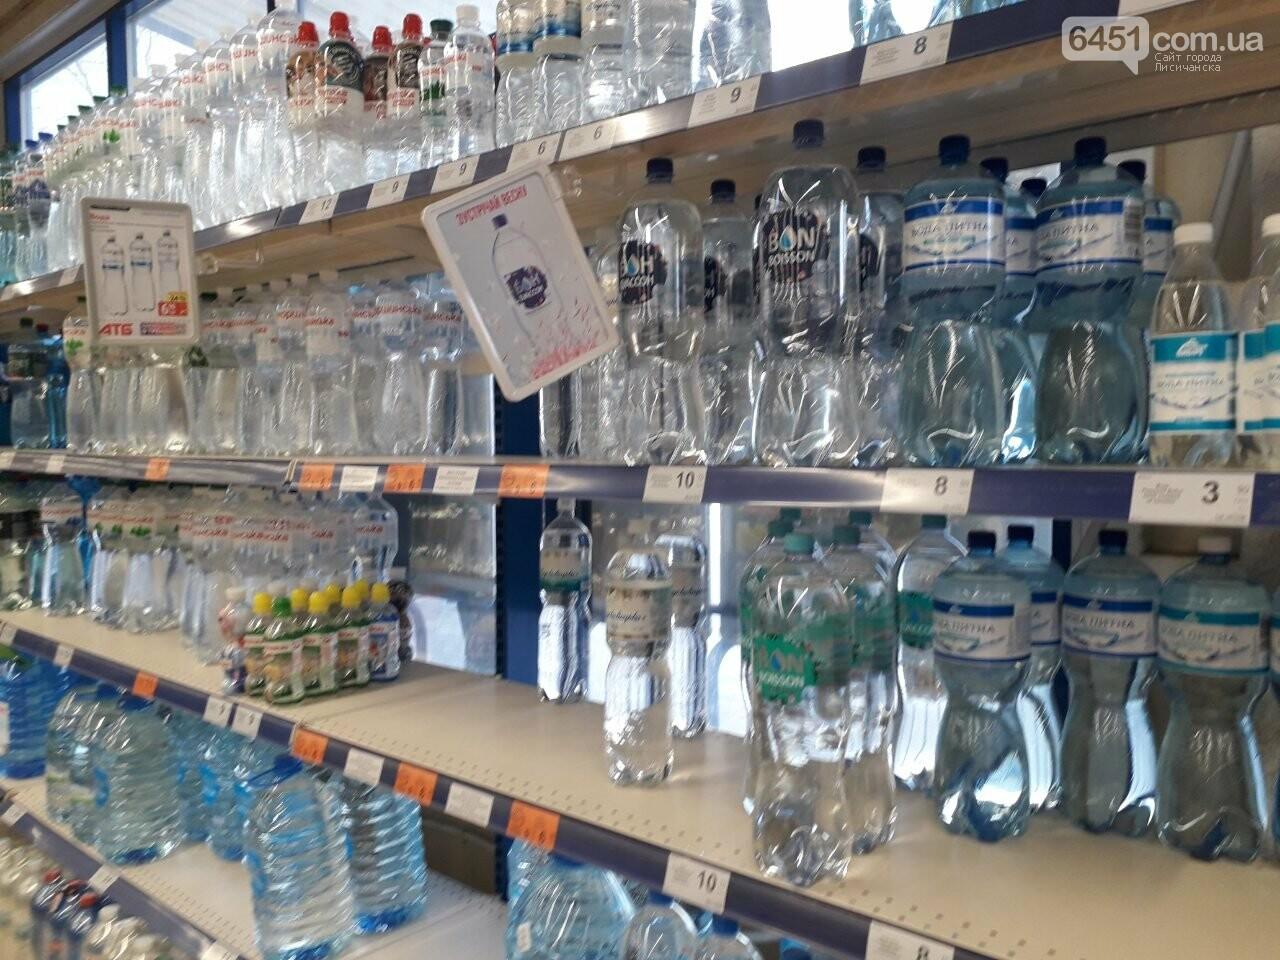 Ажиотажа нет, но продукты раскупают: что происходит в супермаркетах Лисичанска накануне карантина (фоторепортаж), фото-15